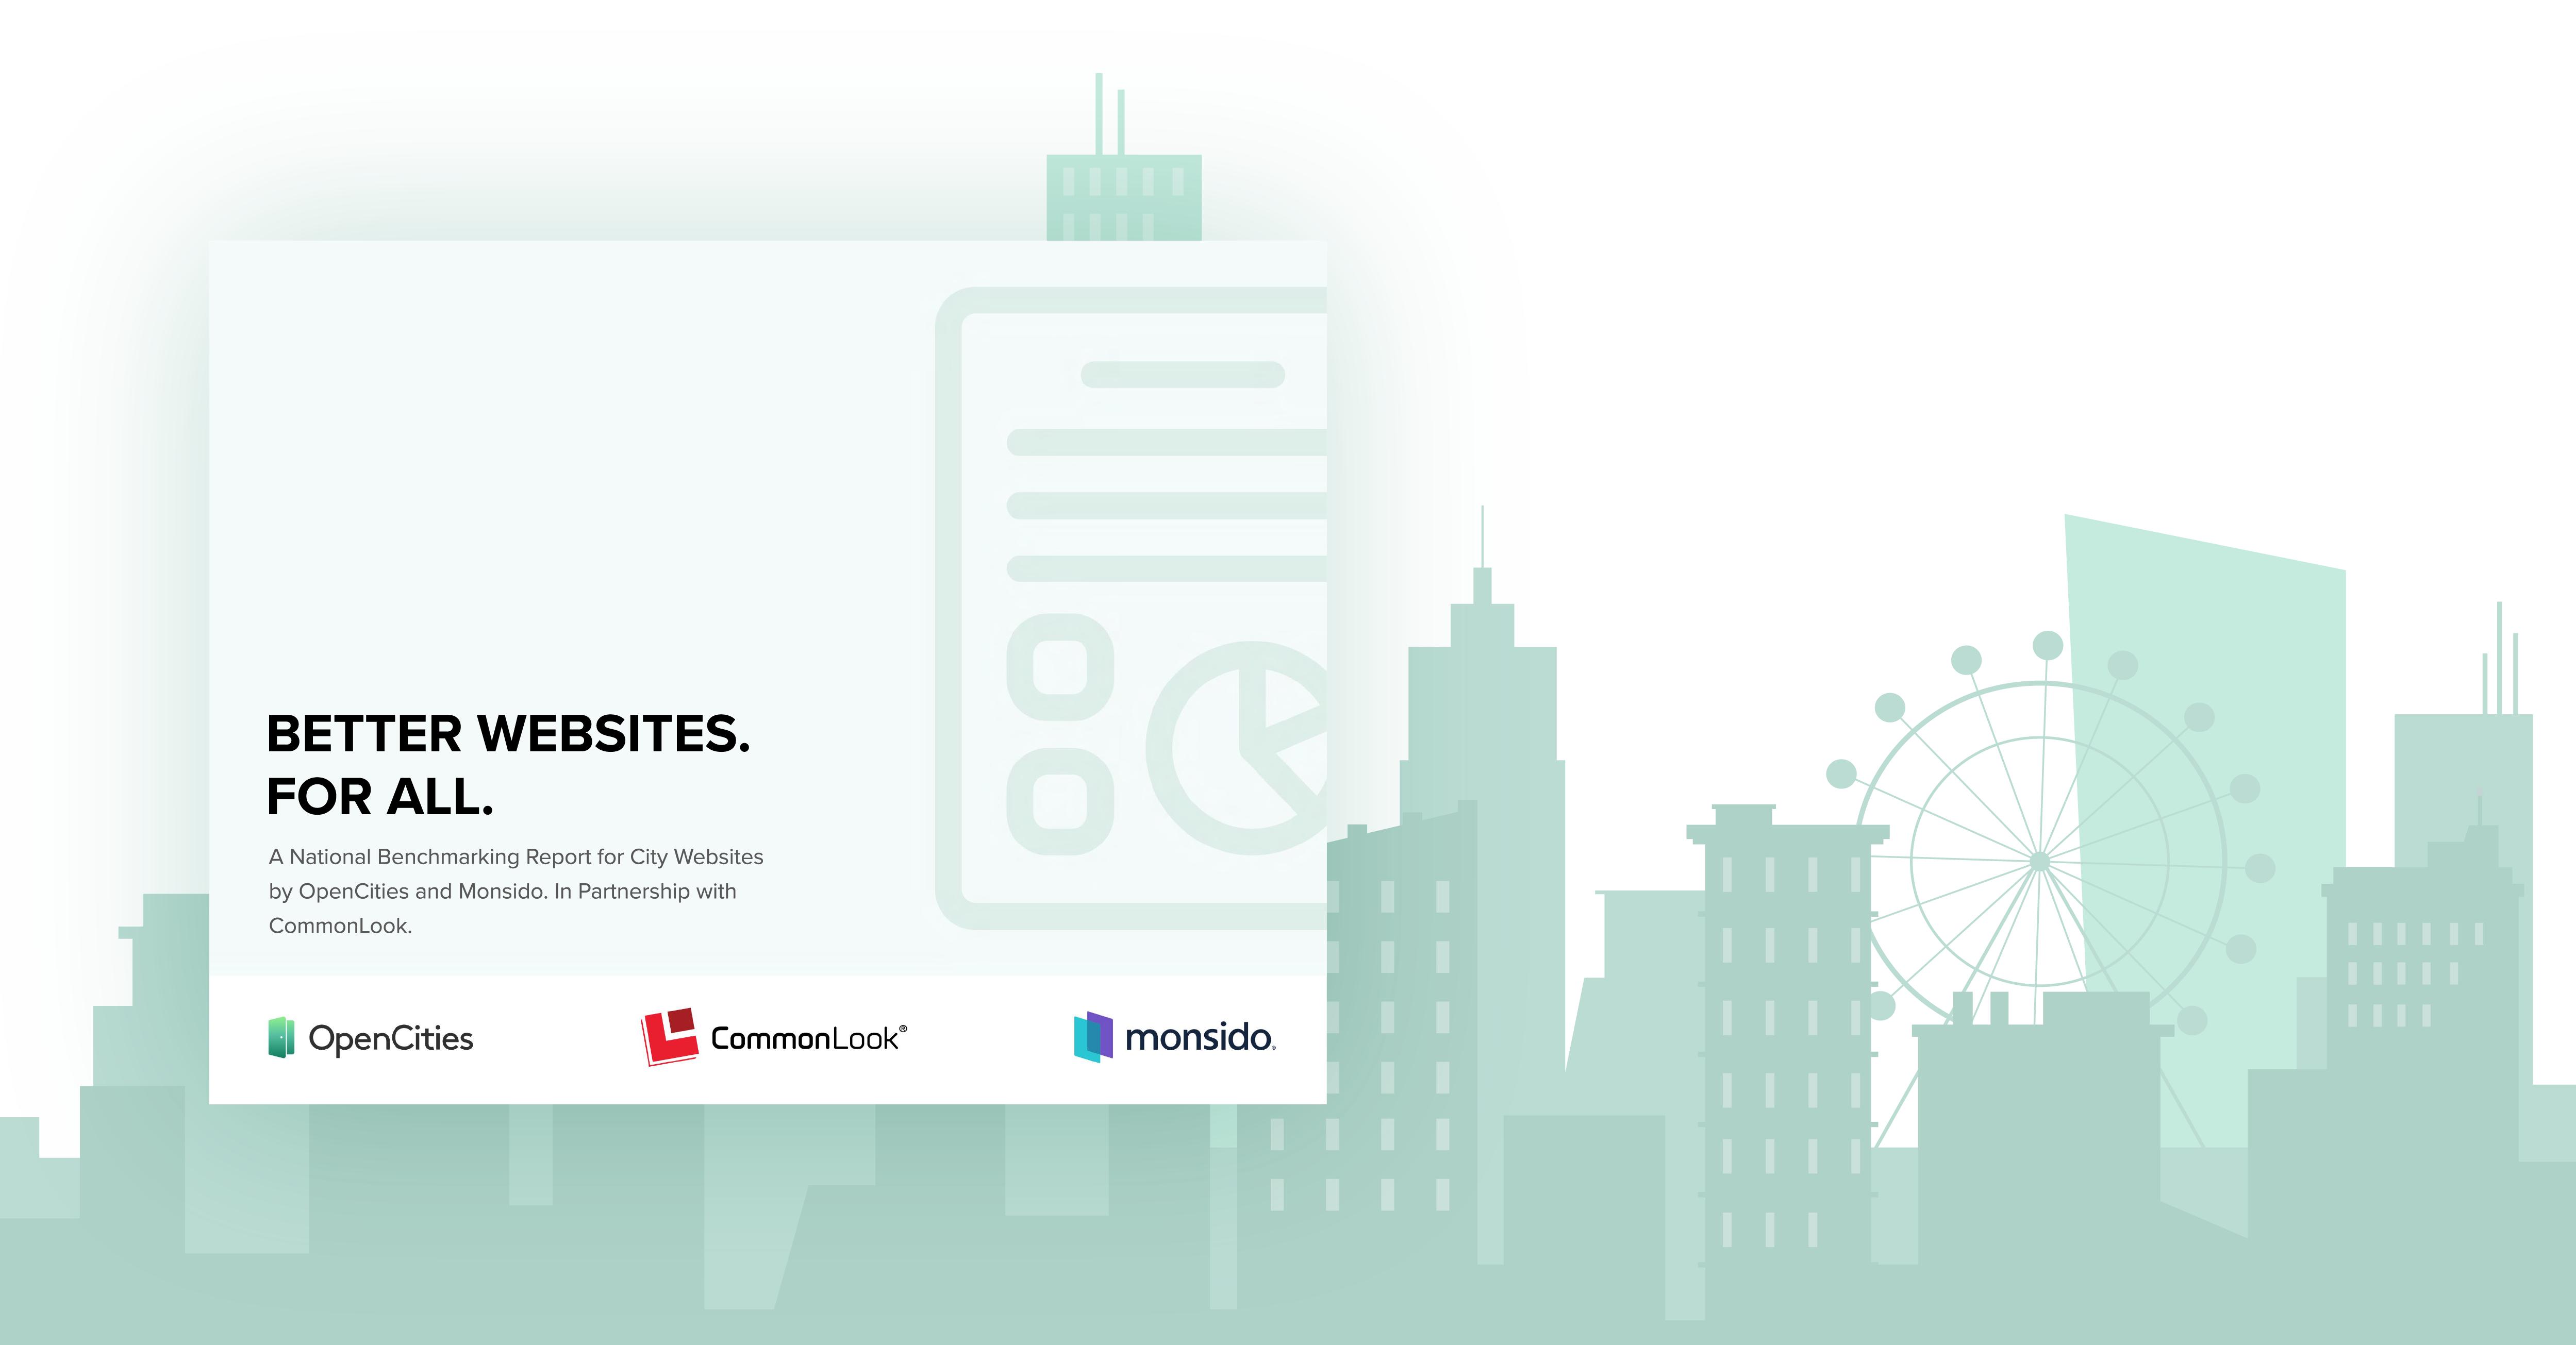 Benchmark report: Better Websites. For All.